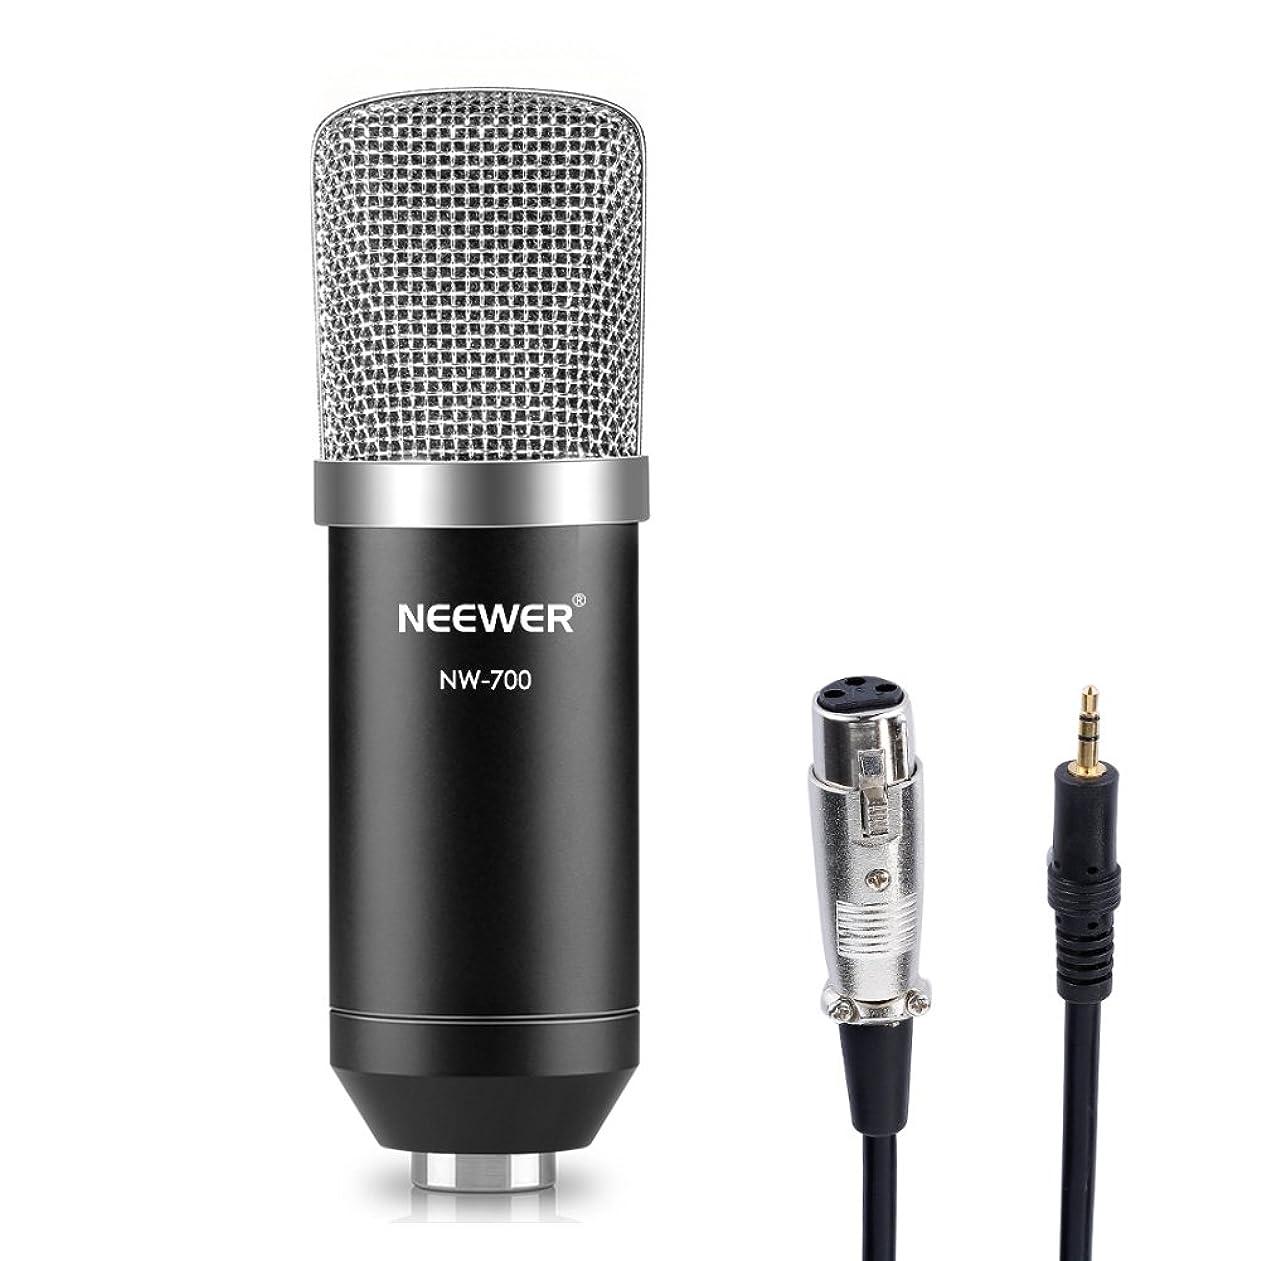 ロデオ聖歌タヒチNeewer® NW-700 プロ コンデンサーマイクセット スタジオ放送?レコーディング用セット内容:(1)NW-700コンデンサーマイク(ブラック)+(1)マイク風防+(1)マイク ケーブル  黒い(ブラック)